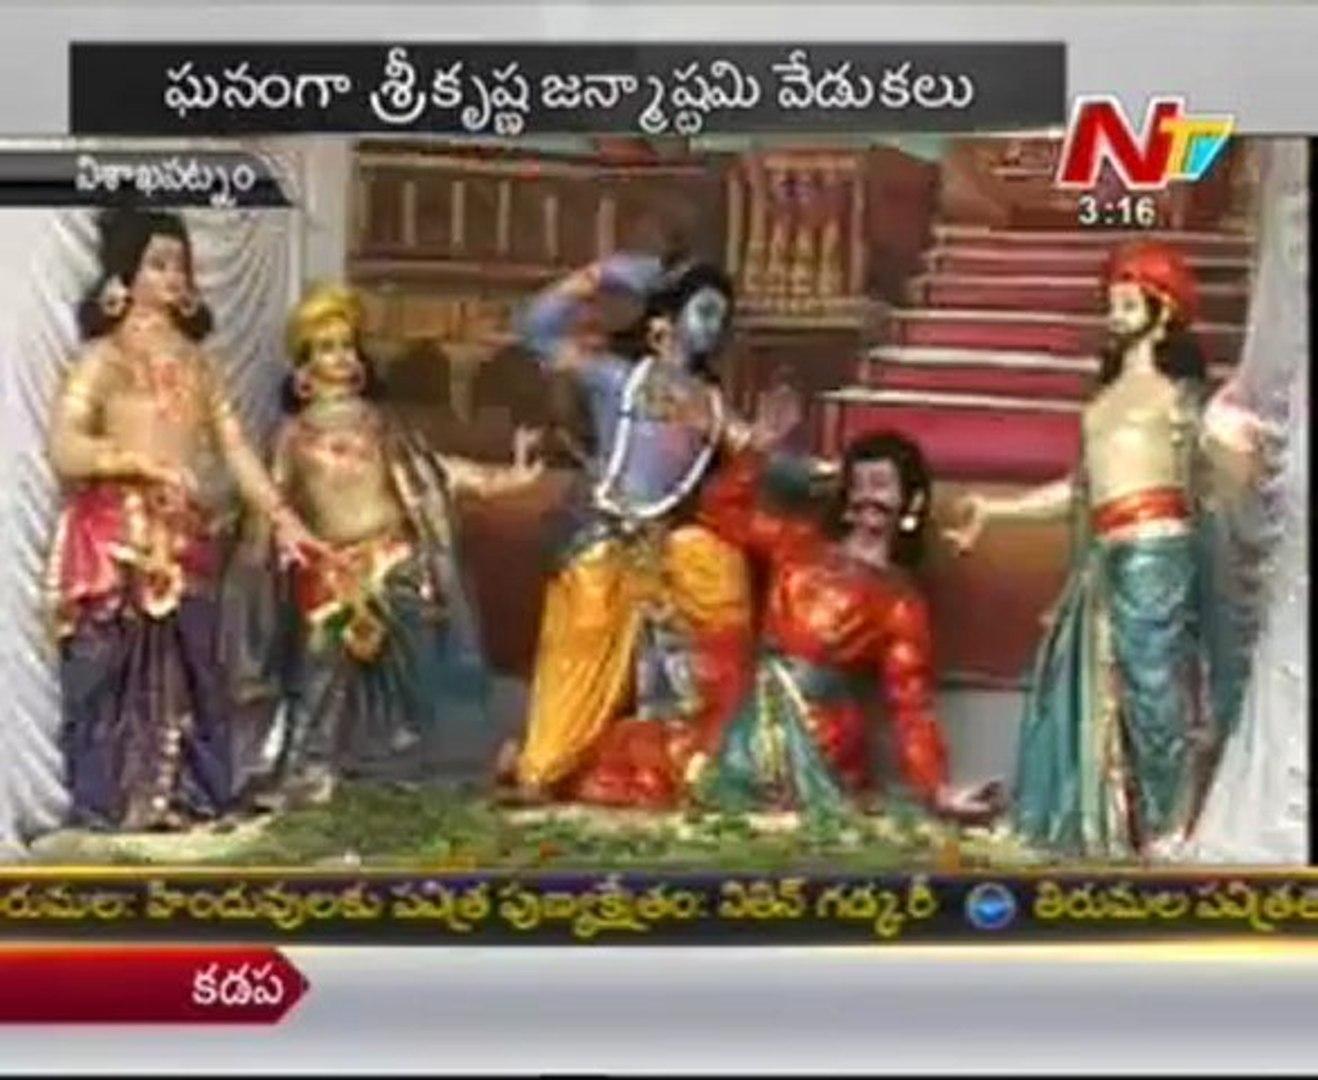 Sri Krishna Janmashtami grand celebs by Hare krishna movement-Visakha